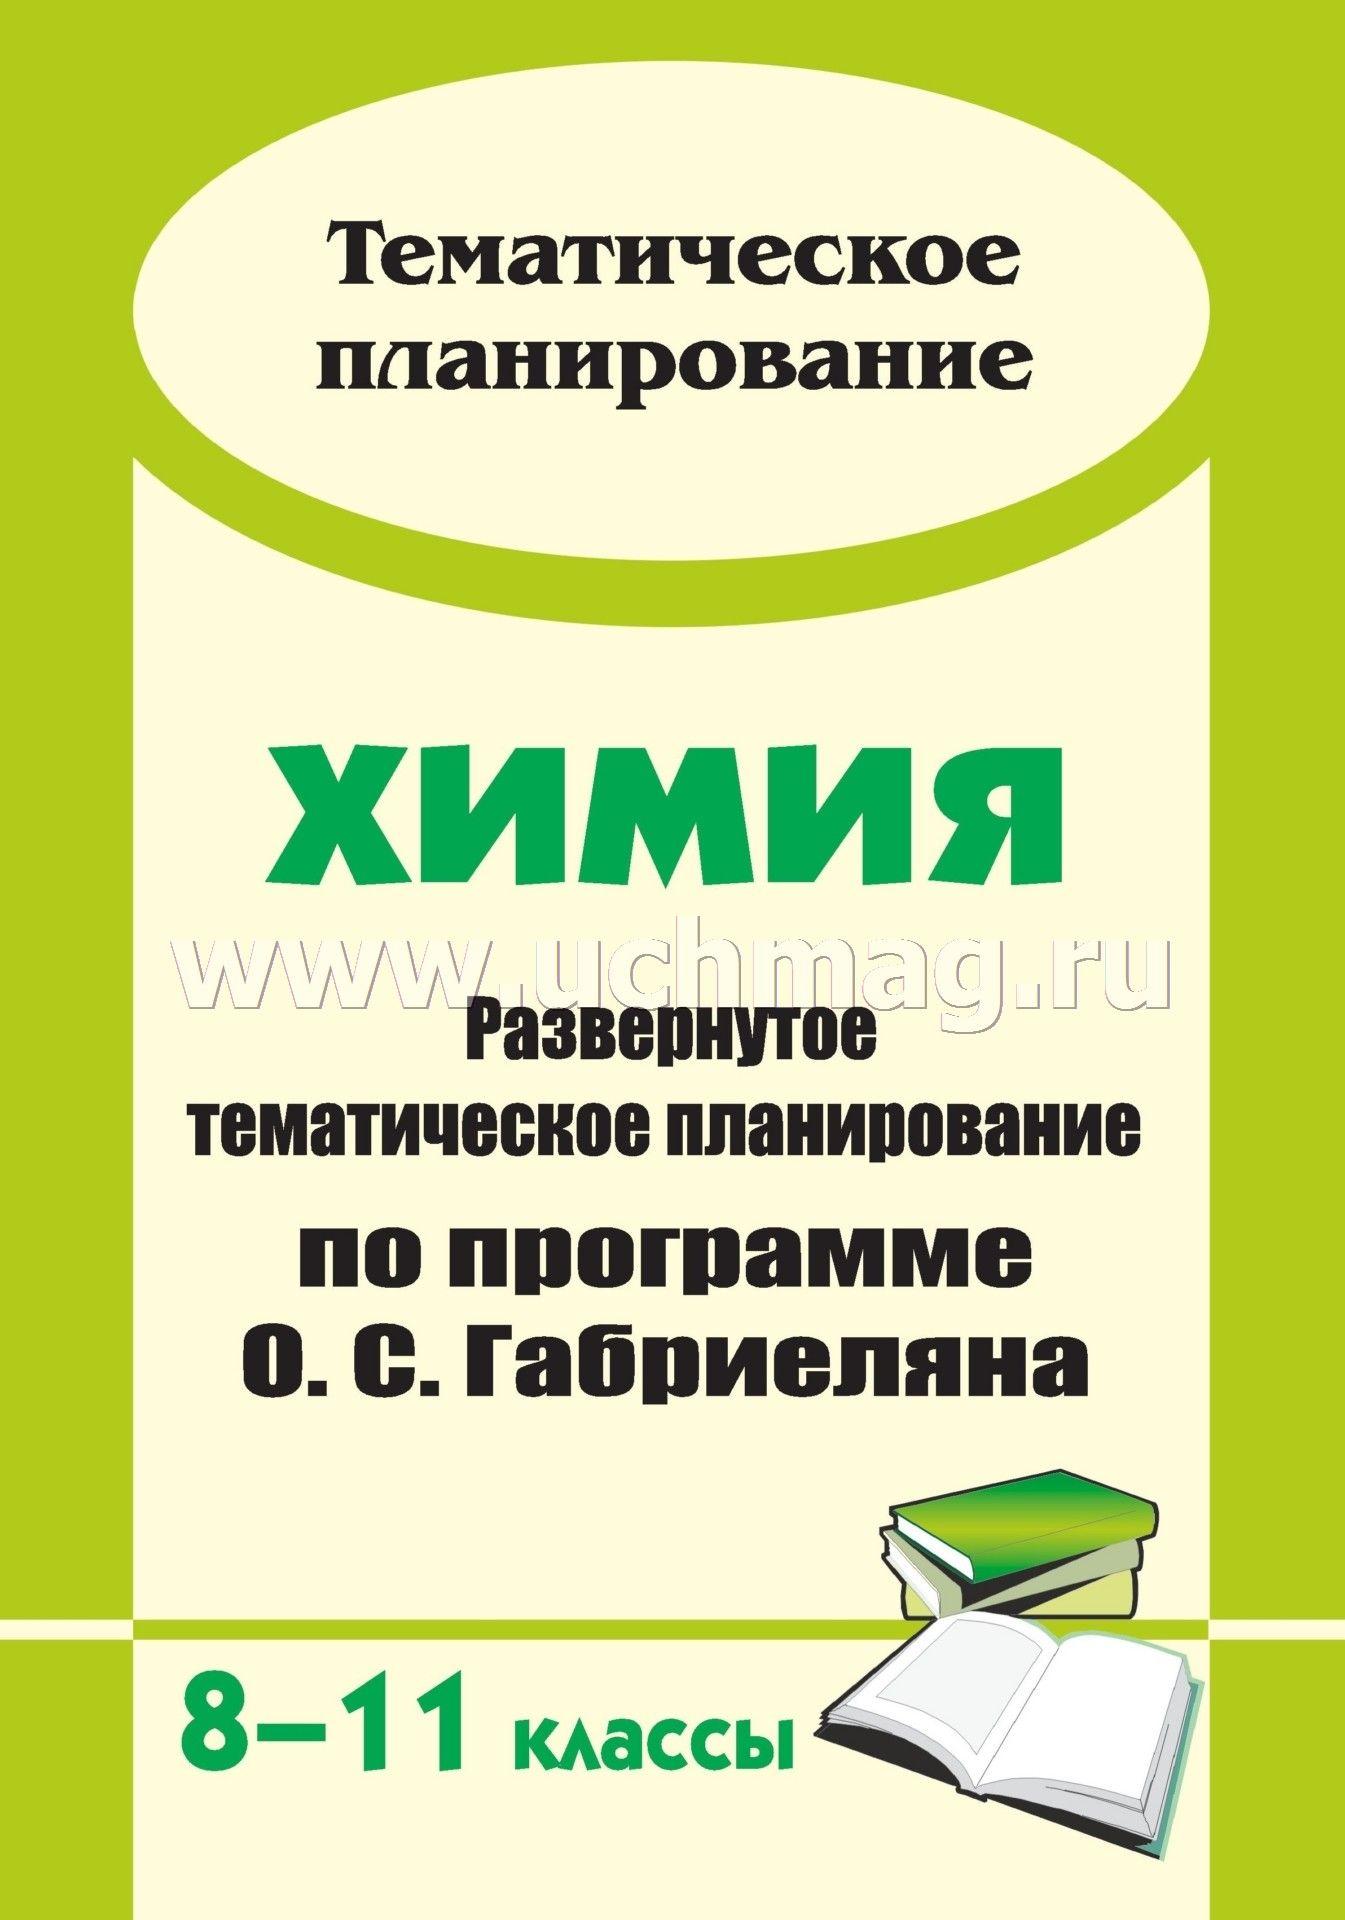 Программа для составления химических формул